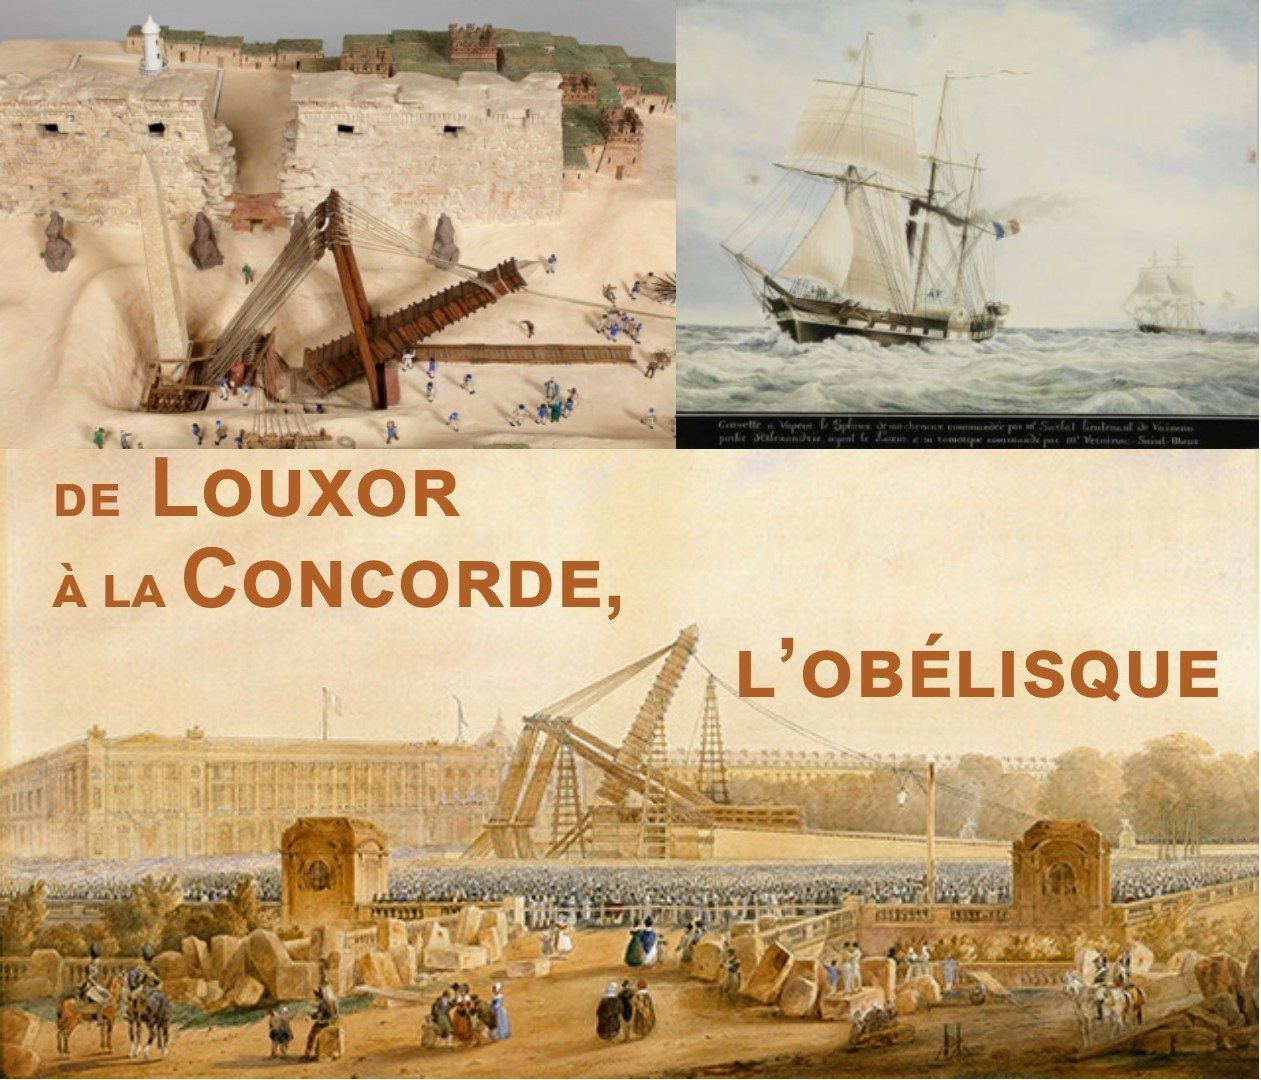 De Louxor à La Concorde, l'aventure de l'Obélisque Saint-Jean-des-Échelles